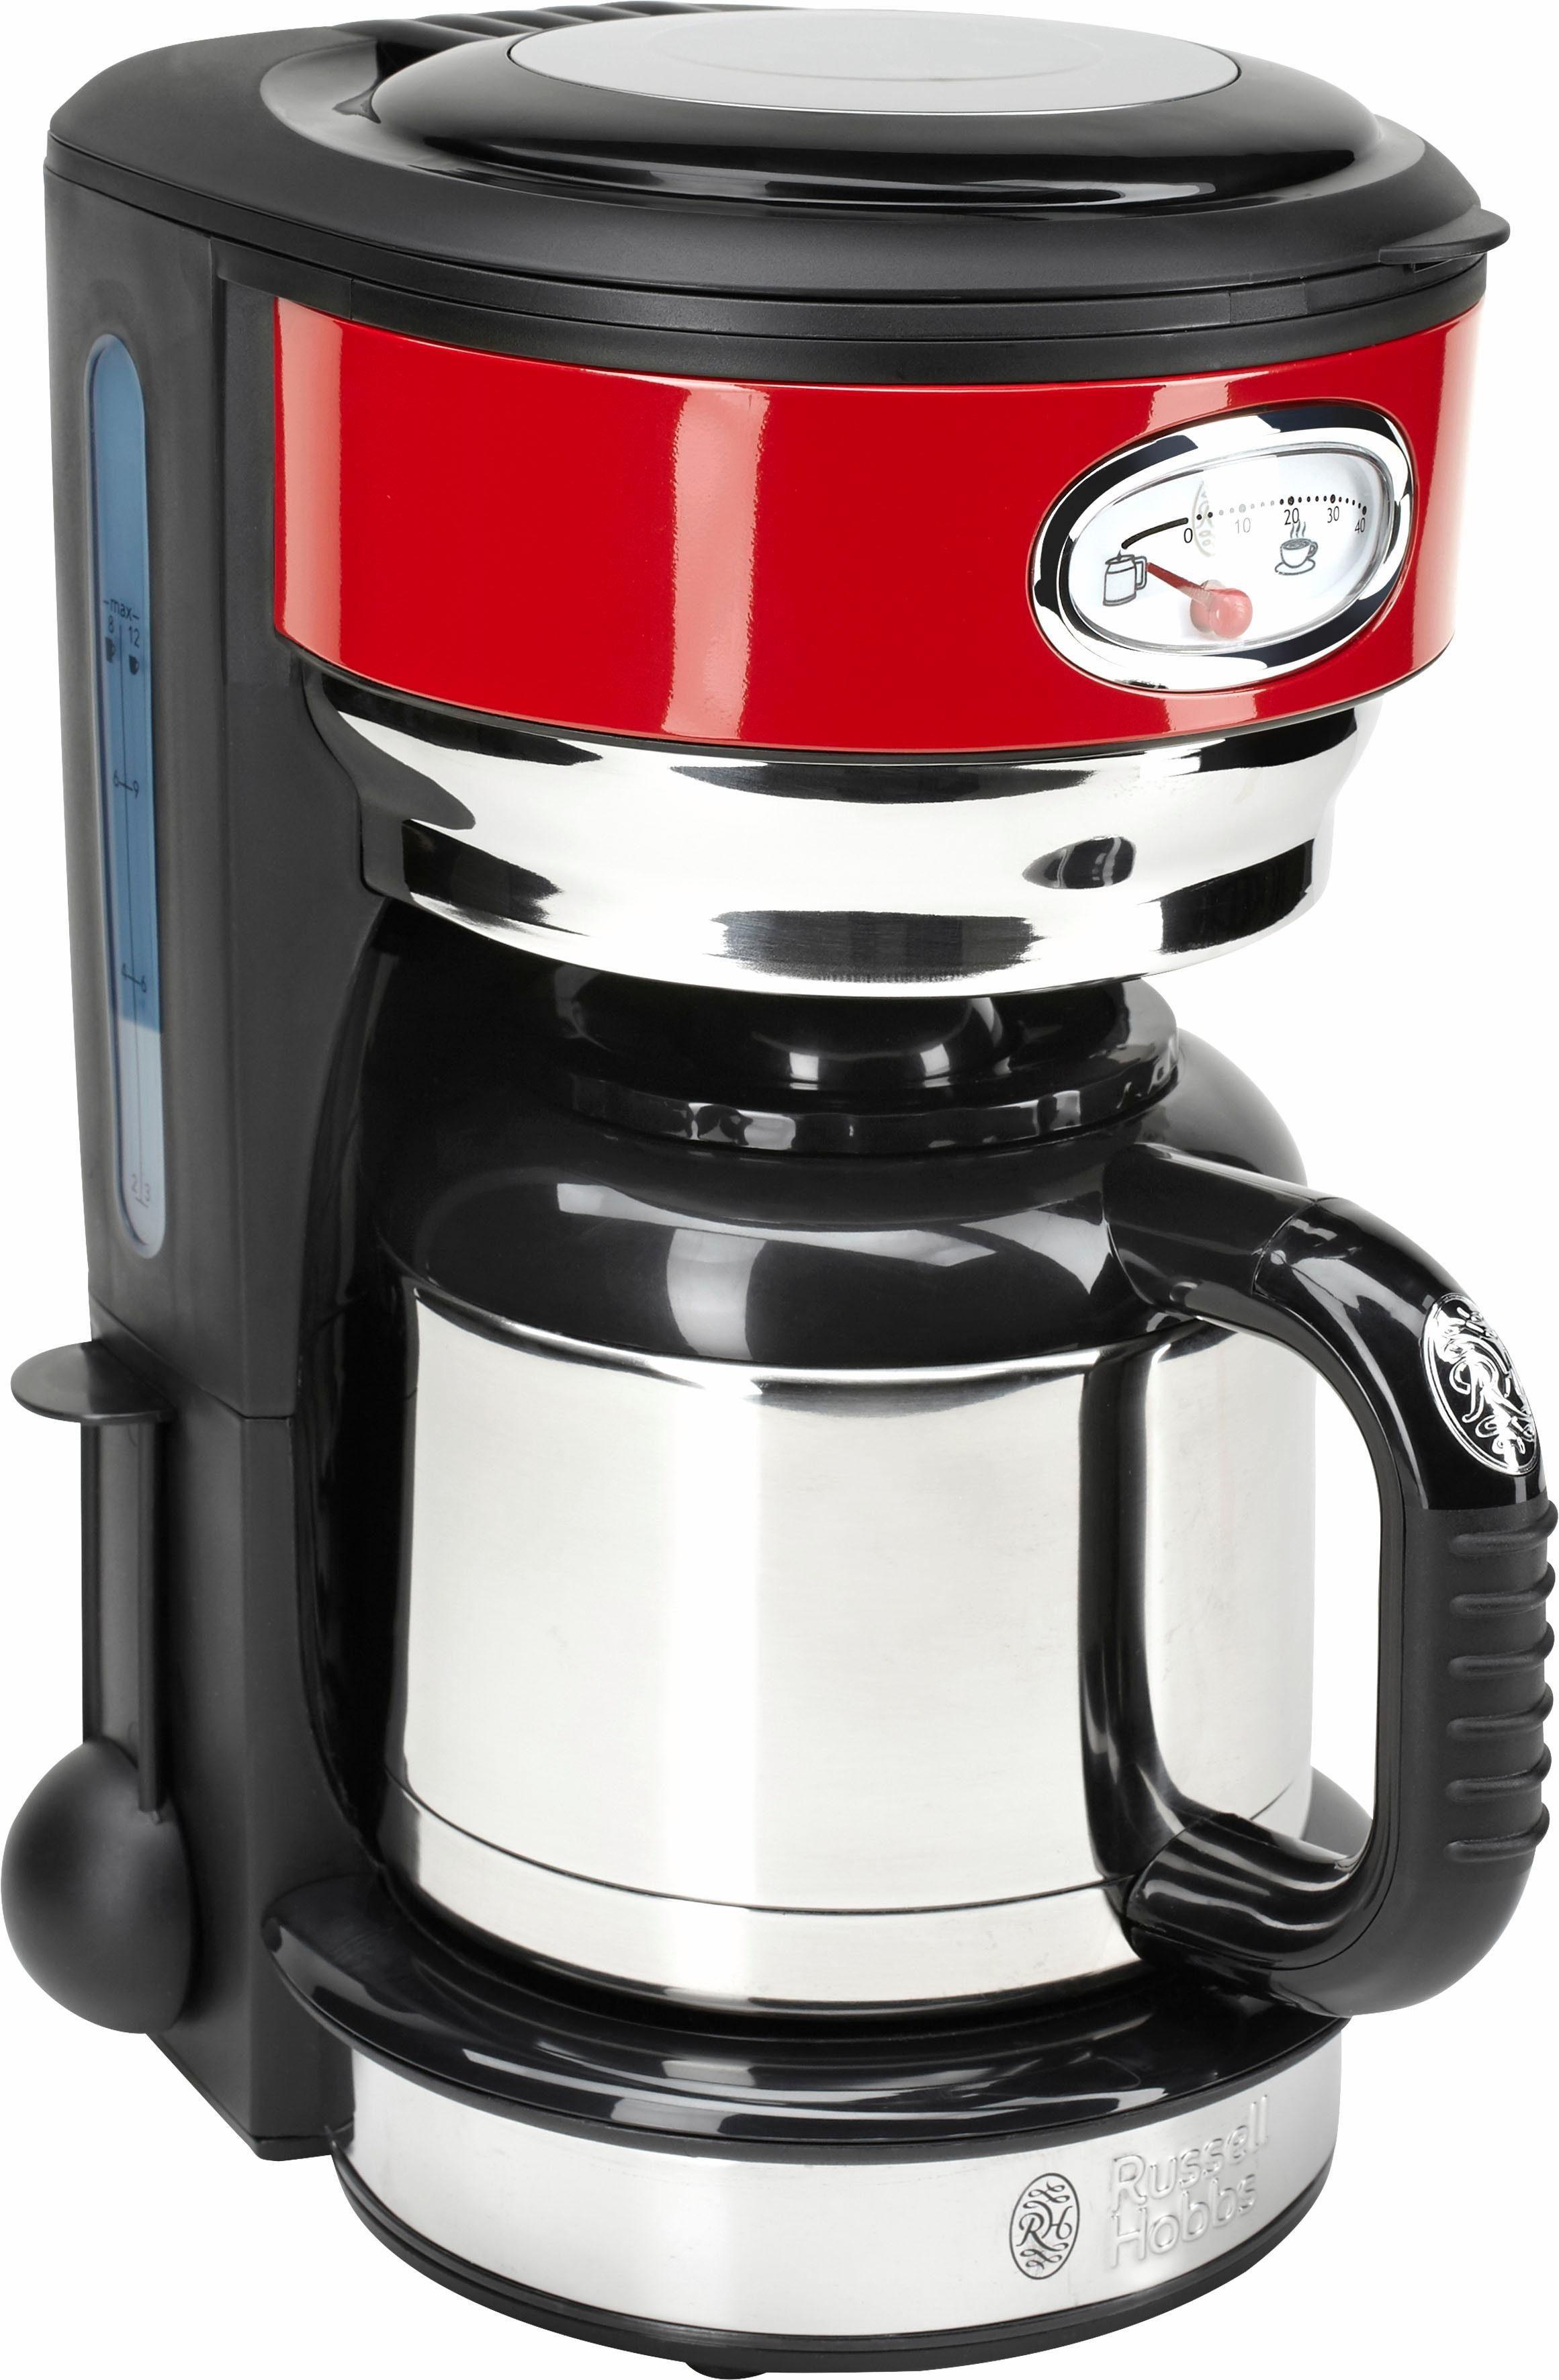 RUSSELL HOBBS Filterkaffeemaschine Retro 21710-56, 1l Kaffeekanne, Papierfilter 1x4, mit Retro-Brühanzeige